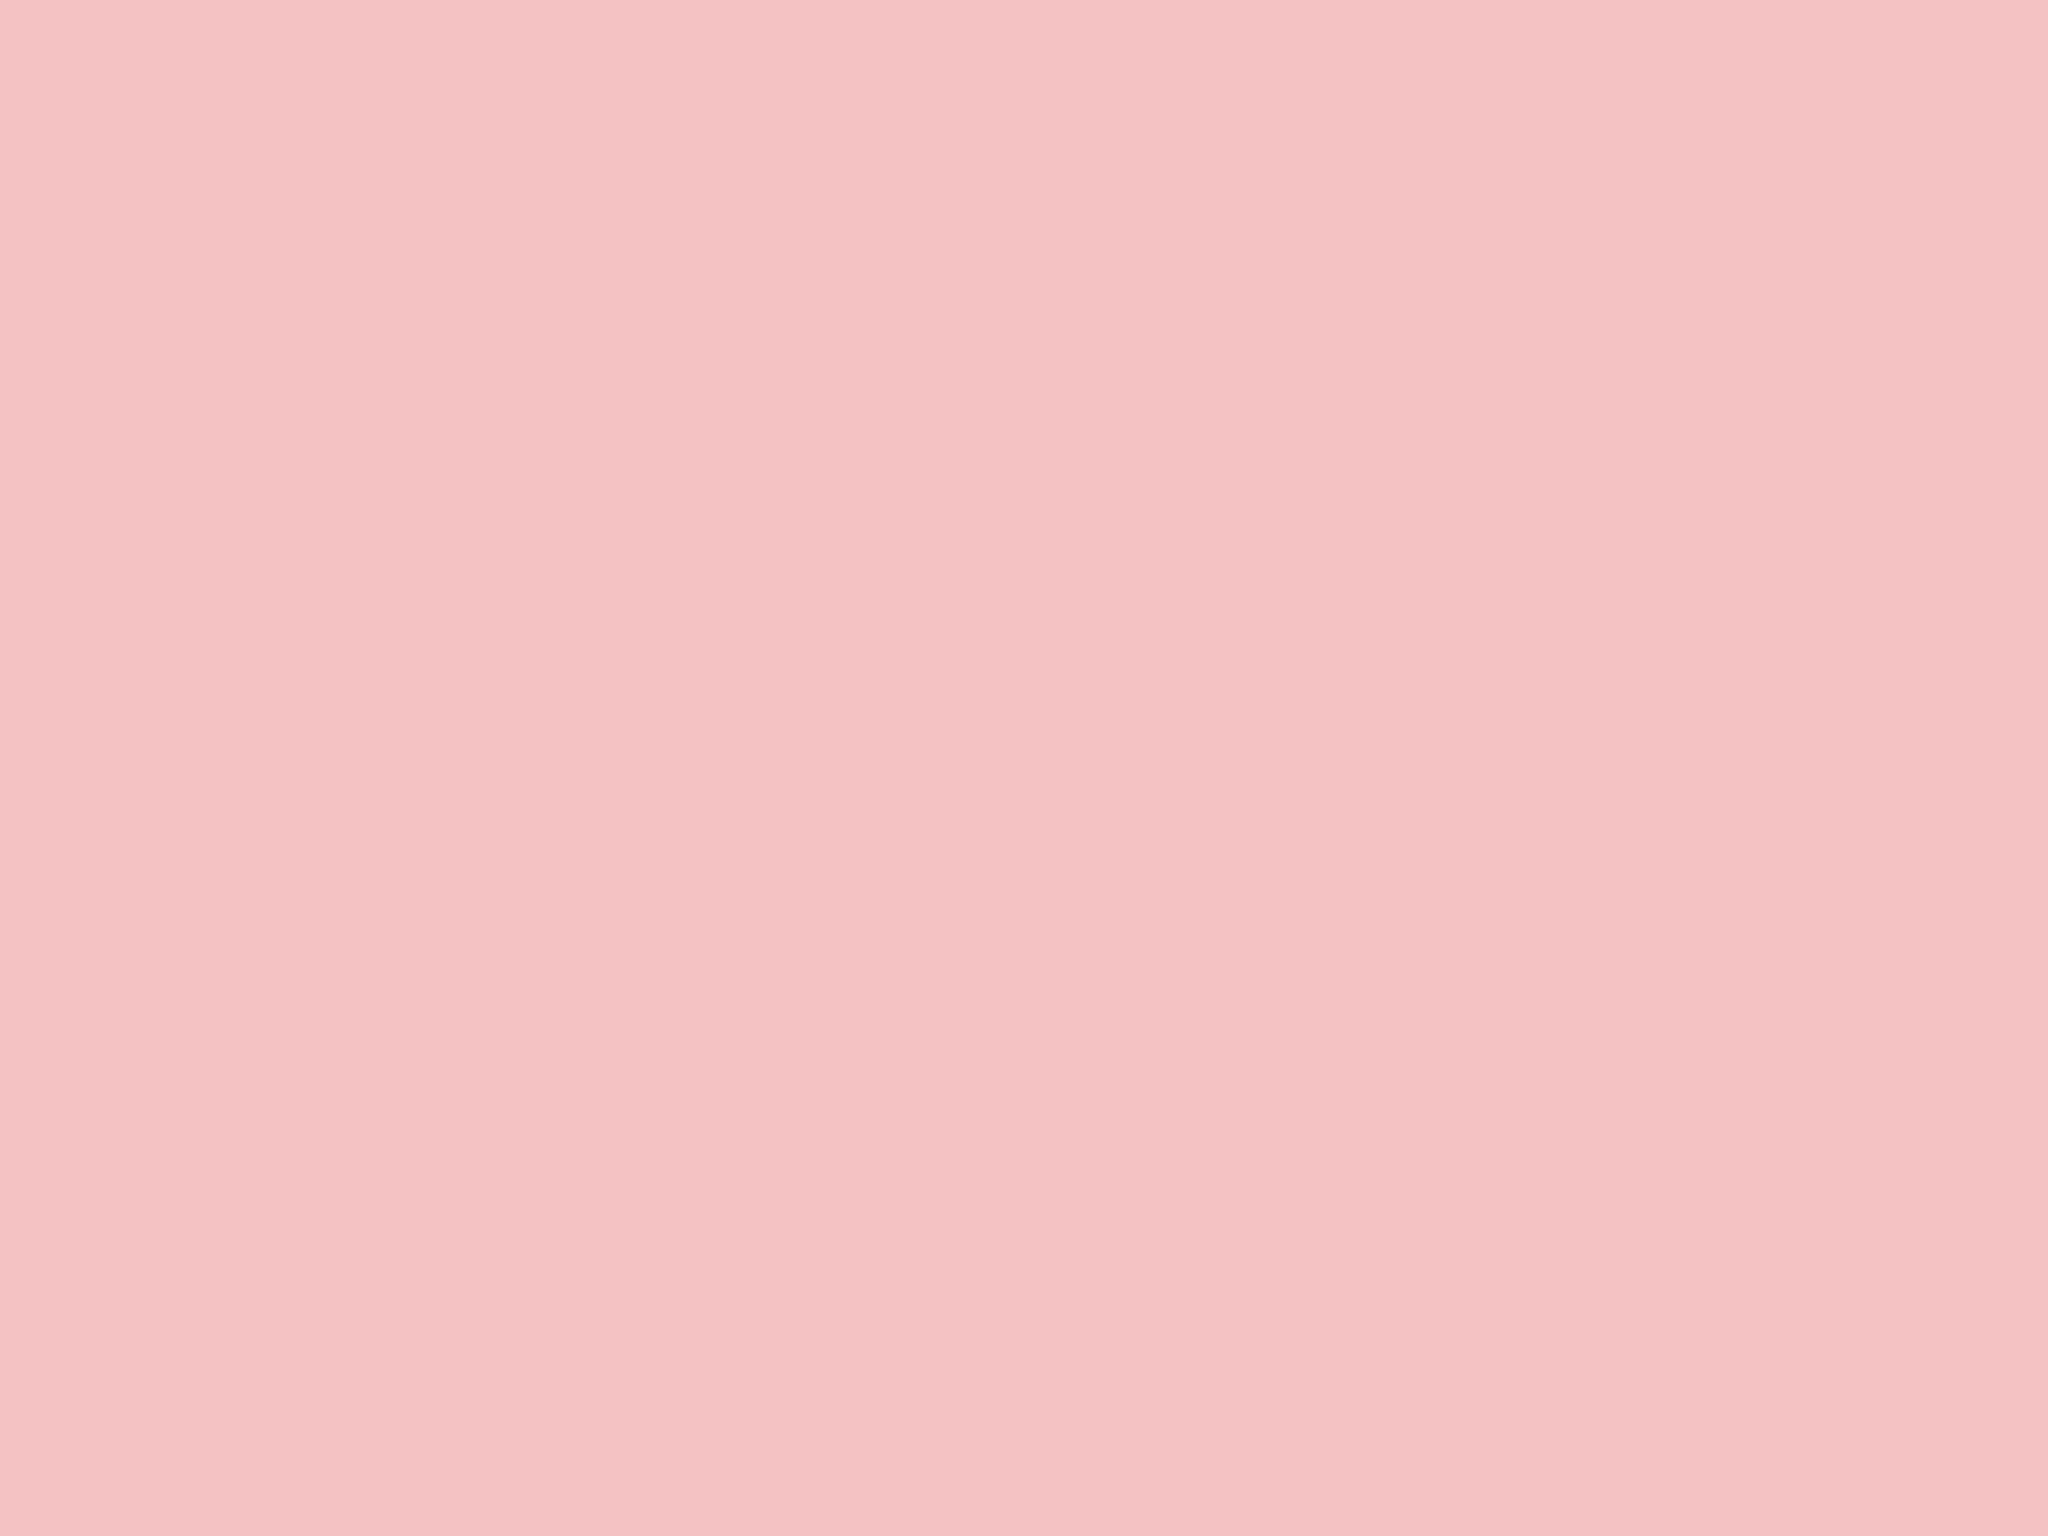 2048x1536 Tea Rose Rose Solid Color Background